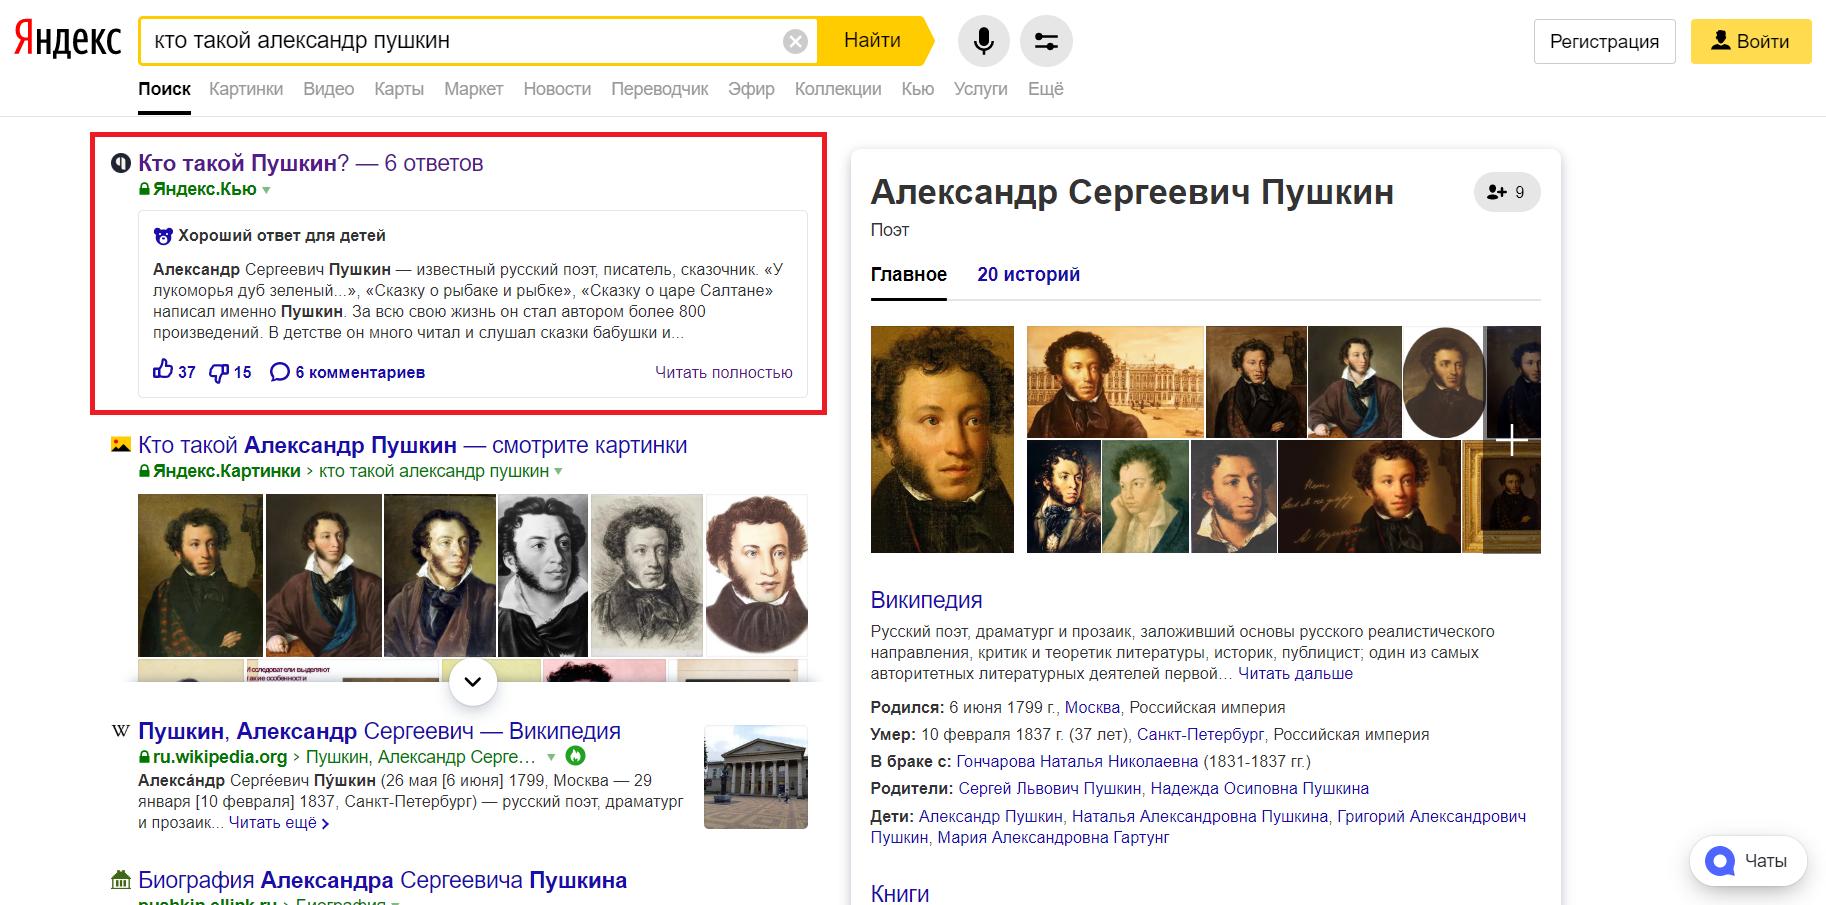 Yandex.Q